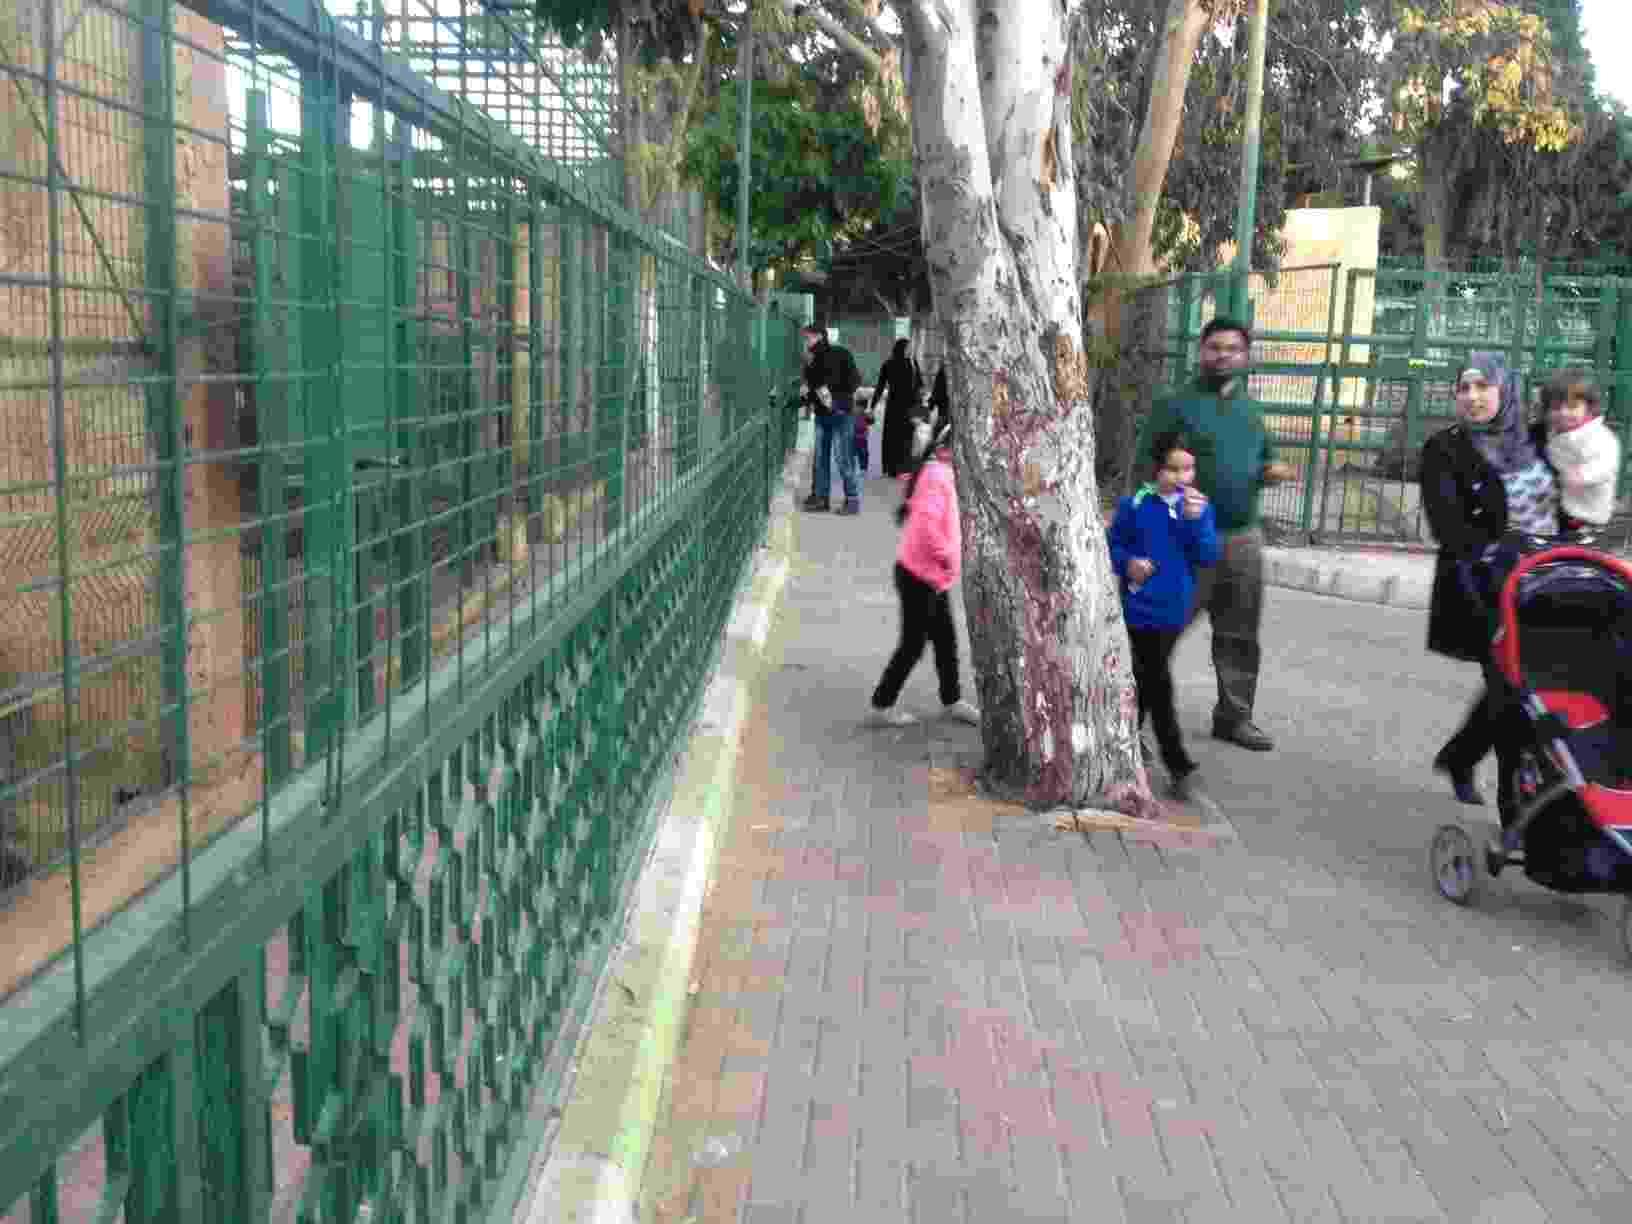 Famílias passeiam no zoológico de Qalqilia, nos Territórios Palestinos - Marcel Vincenti/UOL